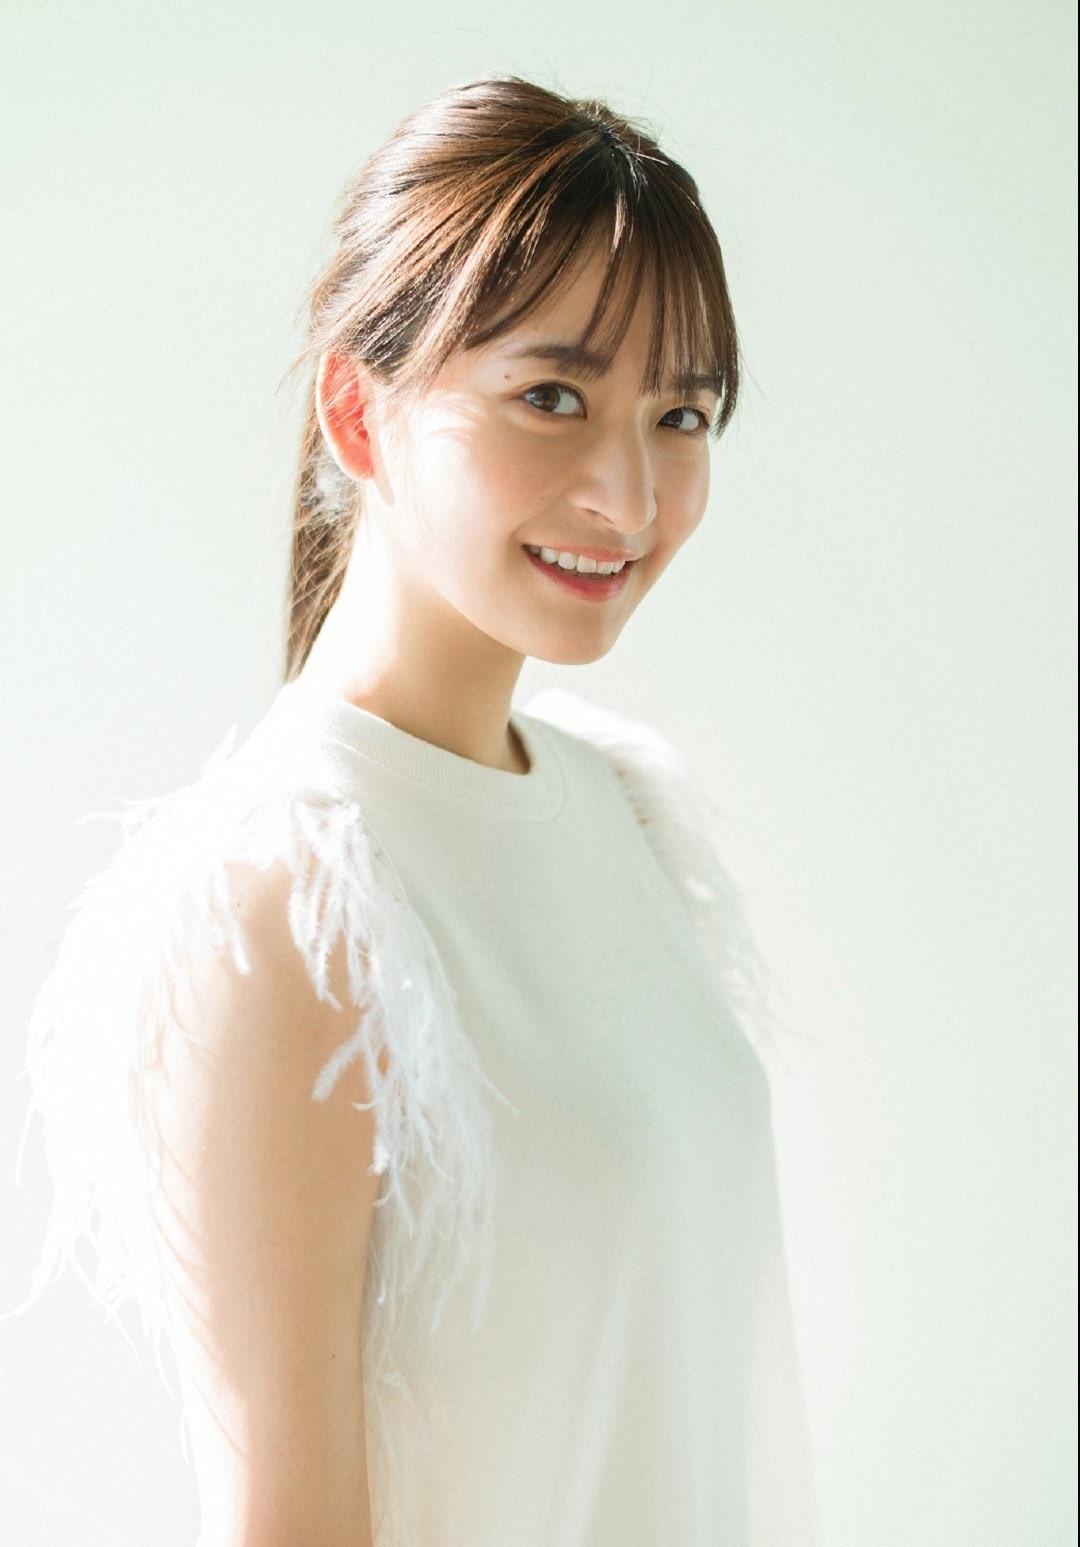 金川纱耶 网络美女 第2张